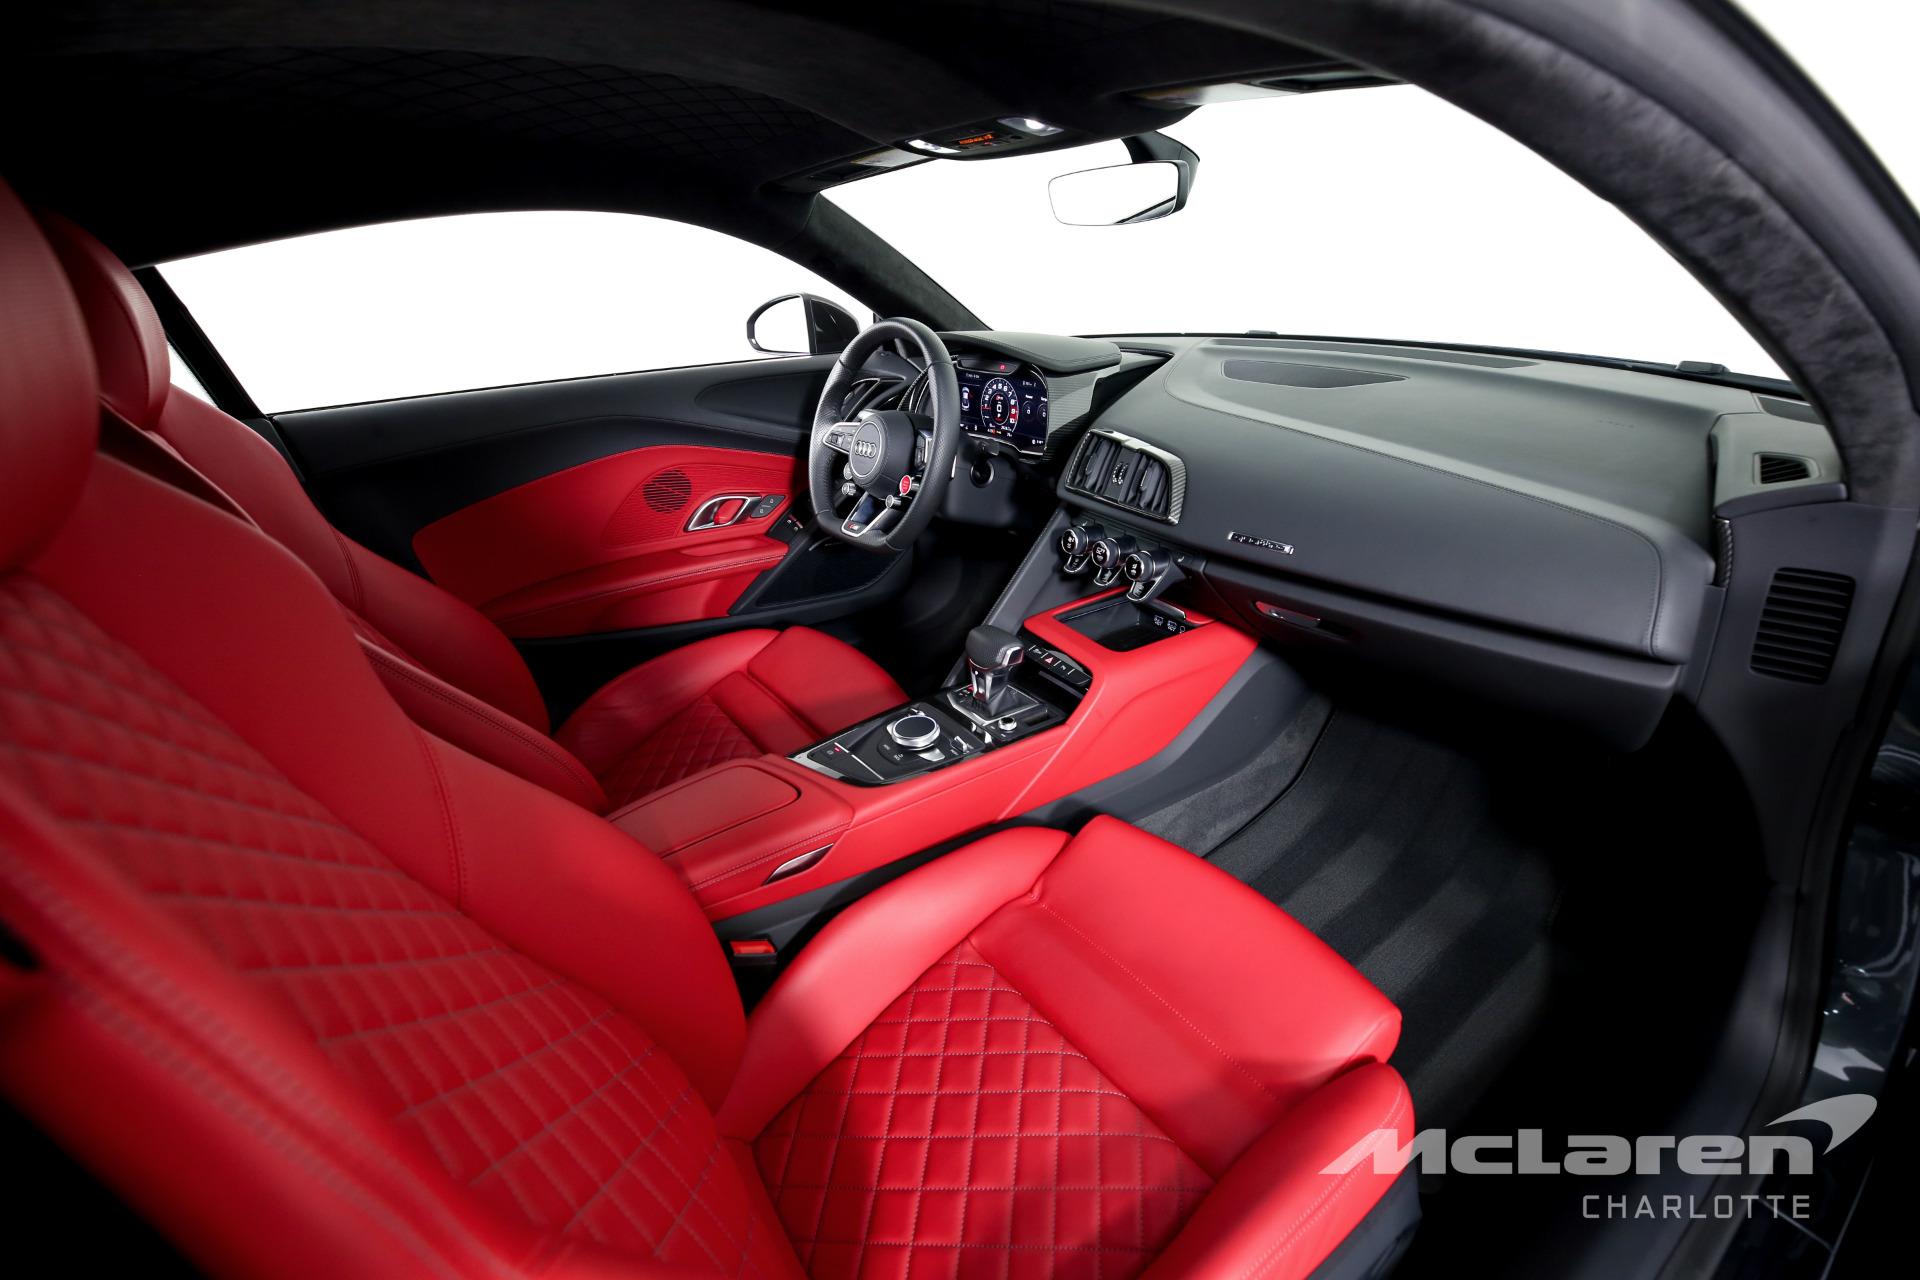 Used 2020 Audi R8 5.2 quattro V10 performance   Charlotte, NC